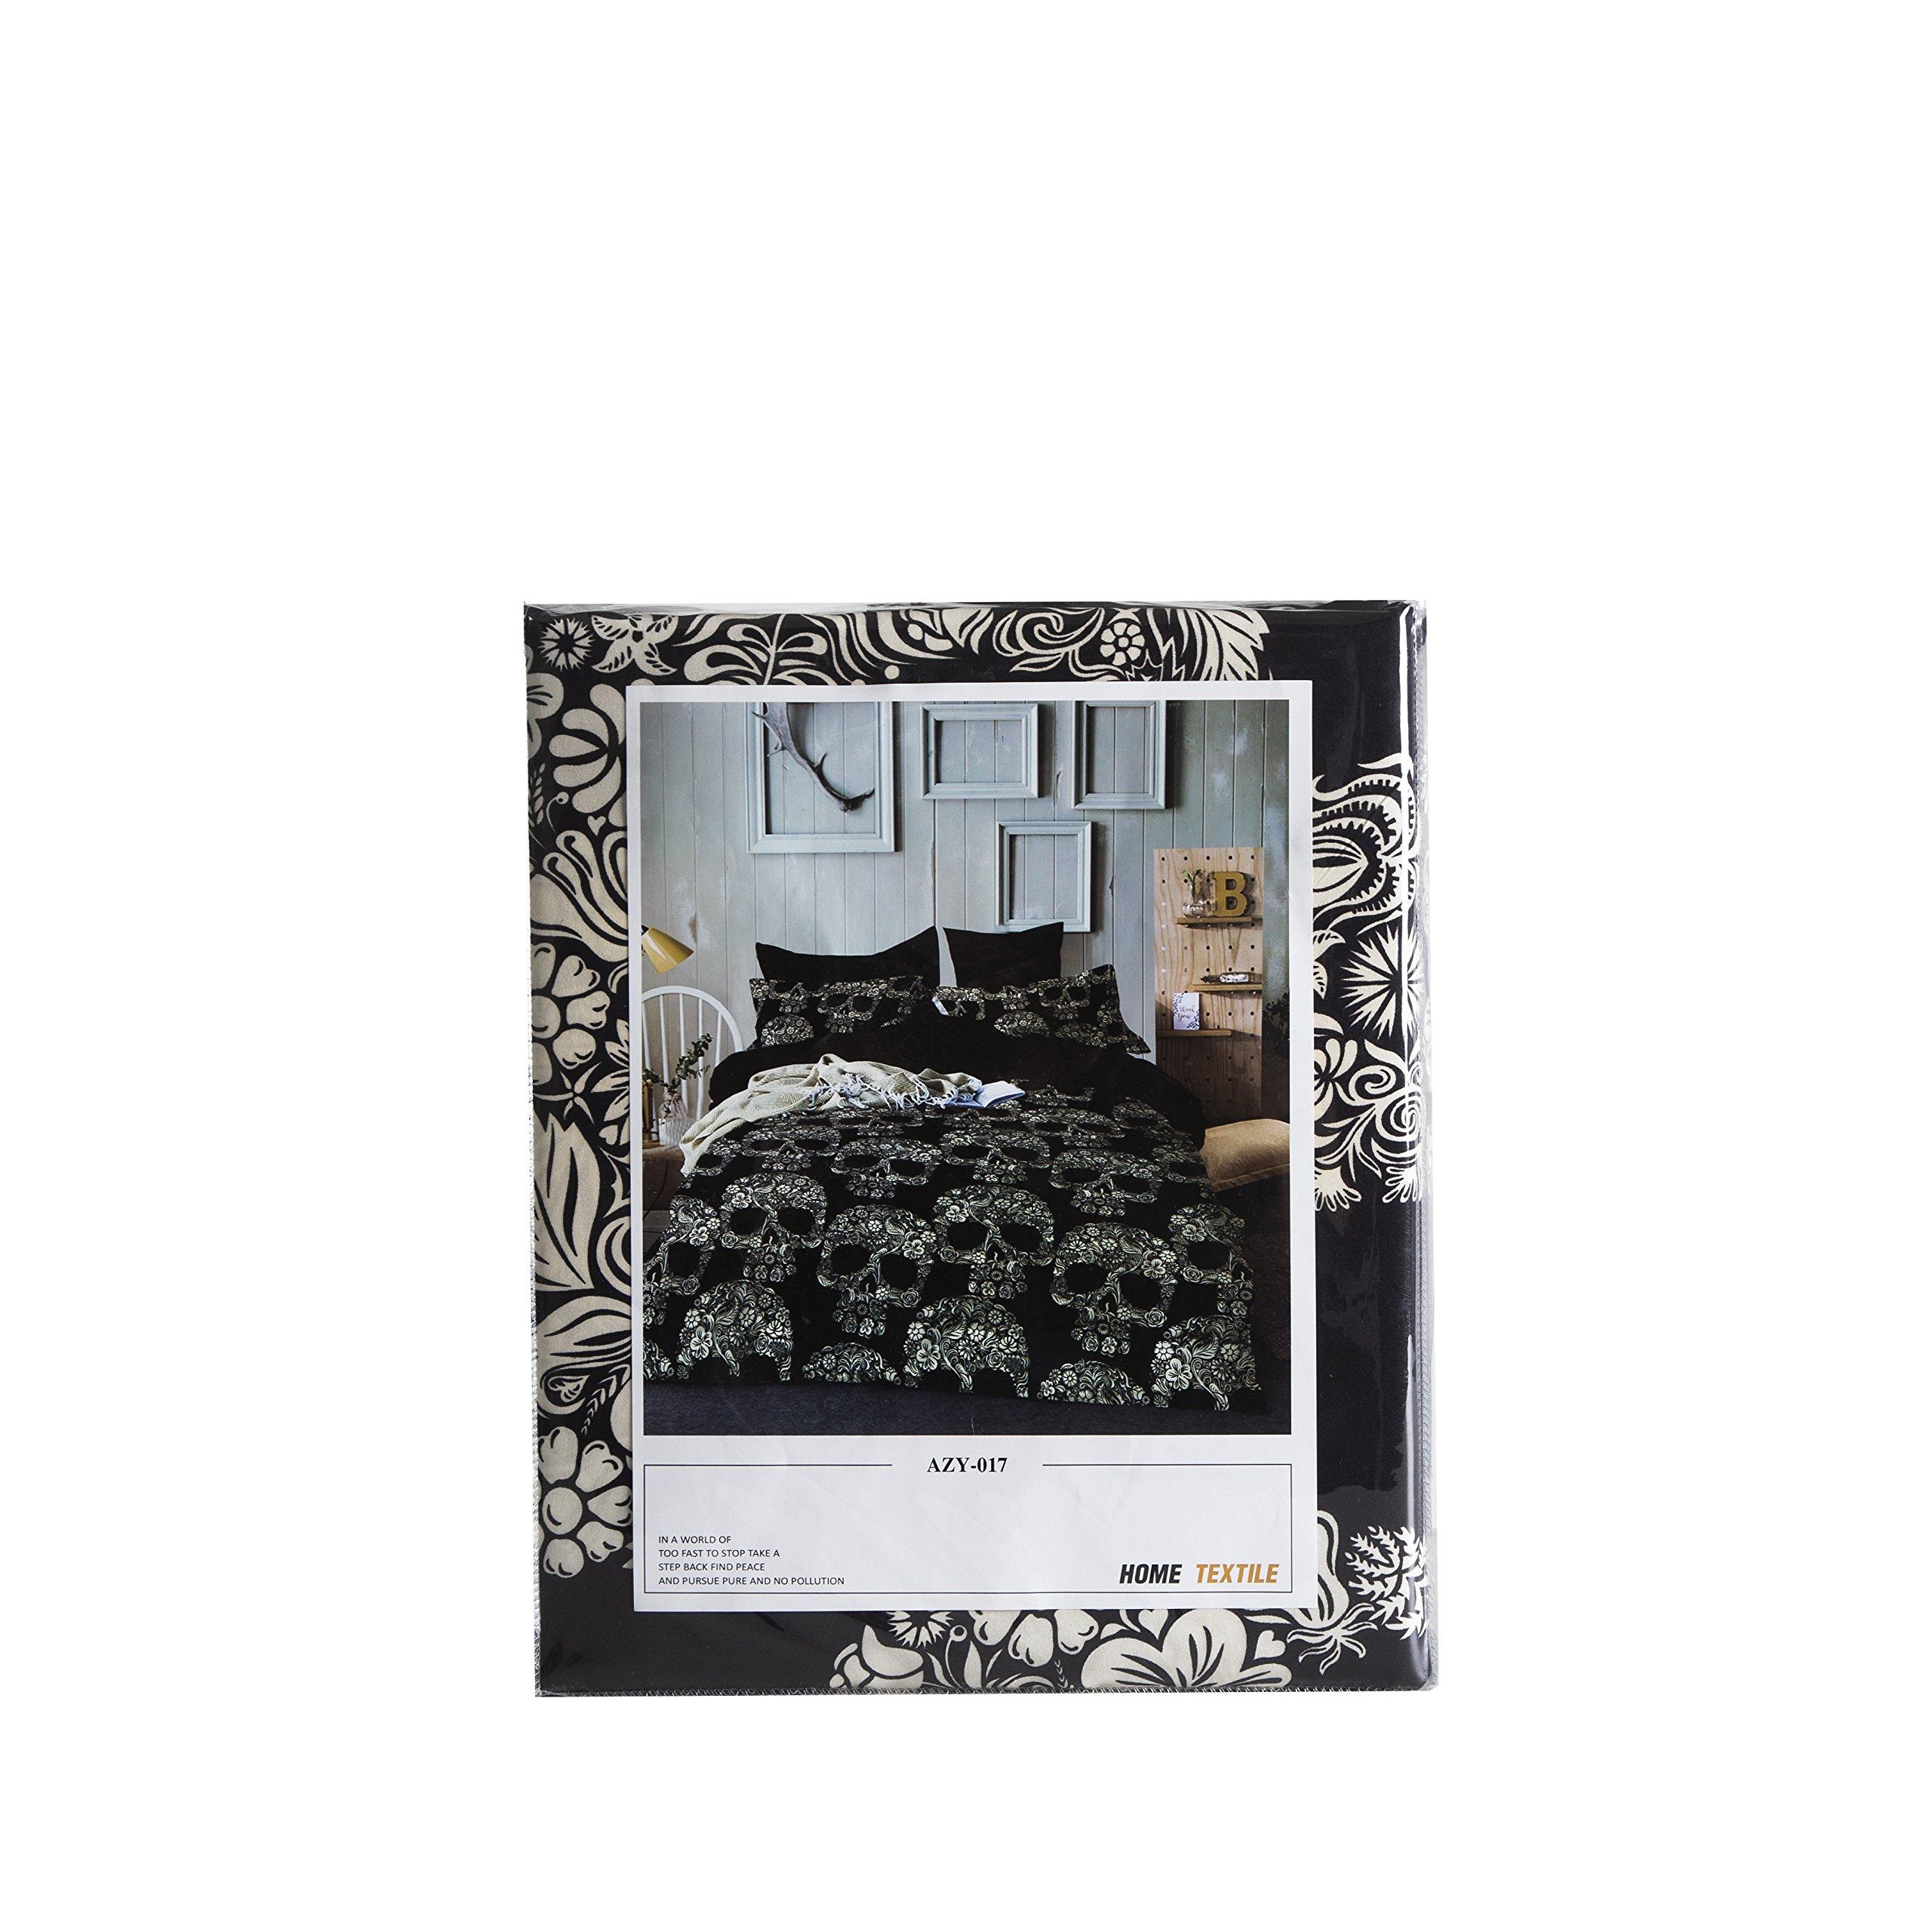 SDIII 2PC Black and White Skull Bedding Microfiber Twin Skeleton Duvet Cover SetFor Boys and Girls